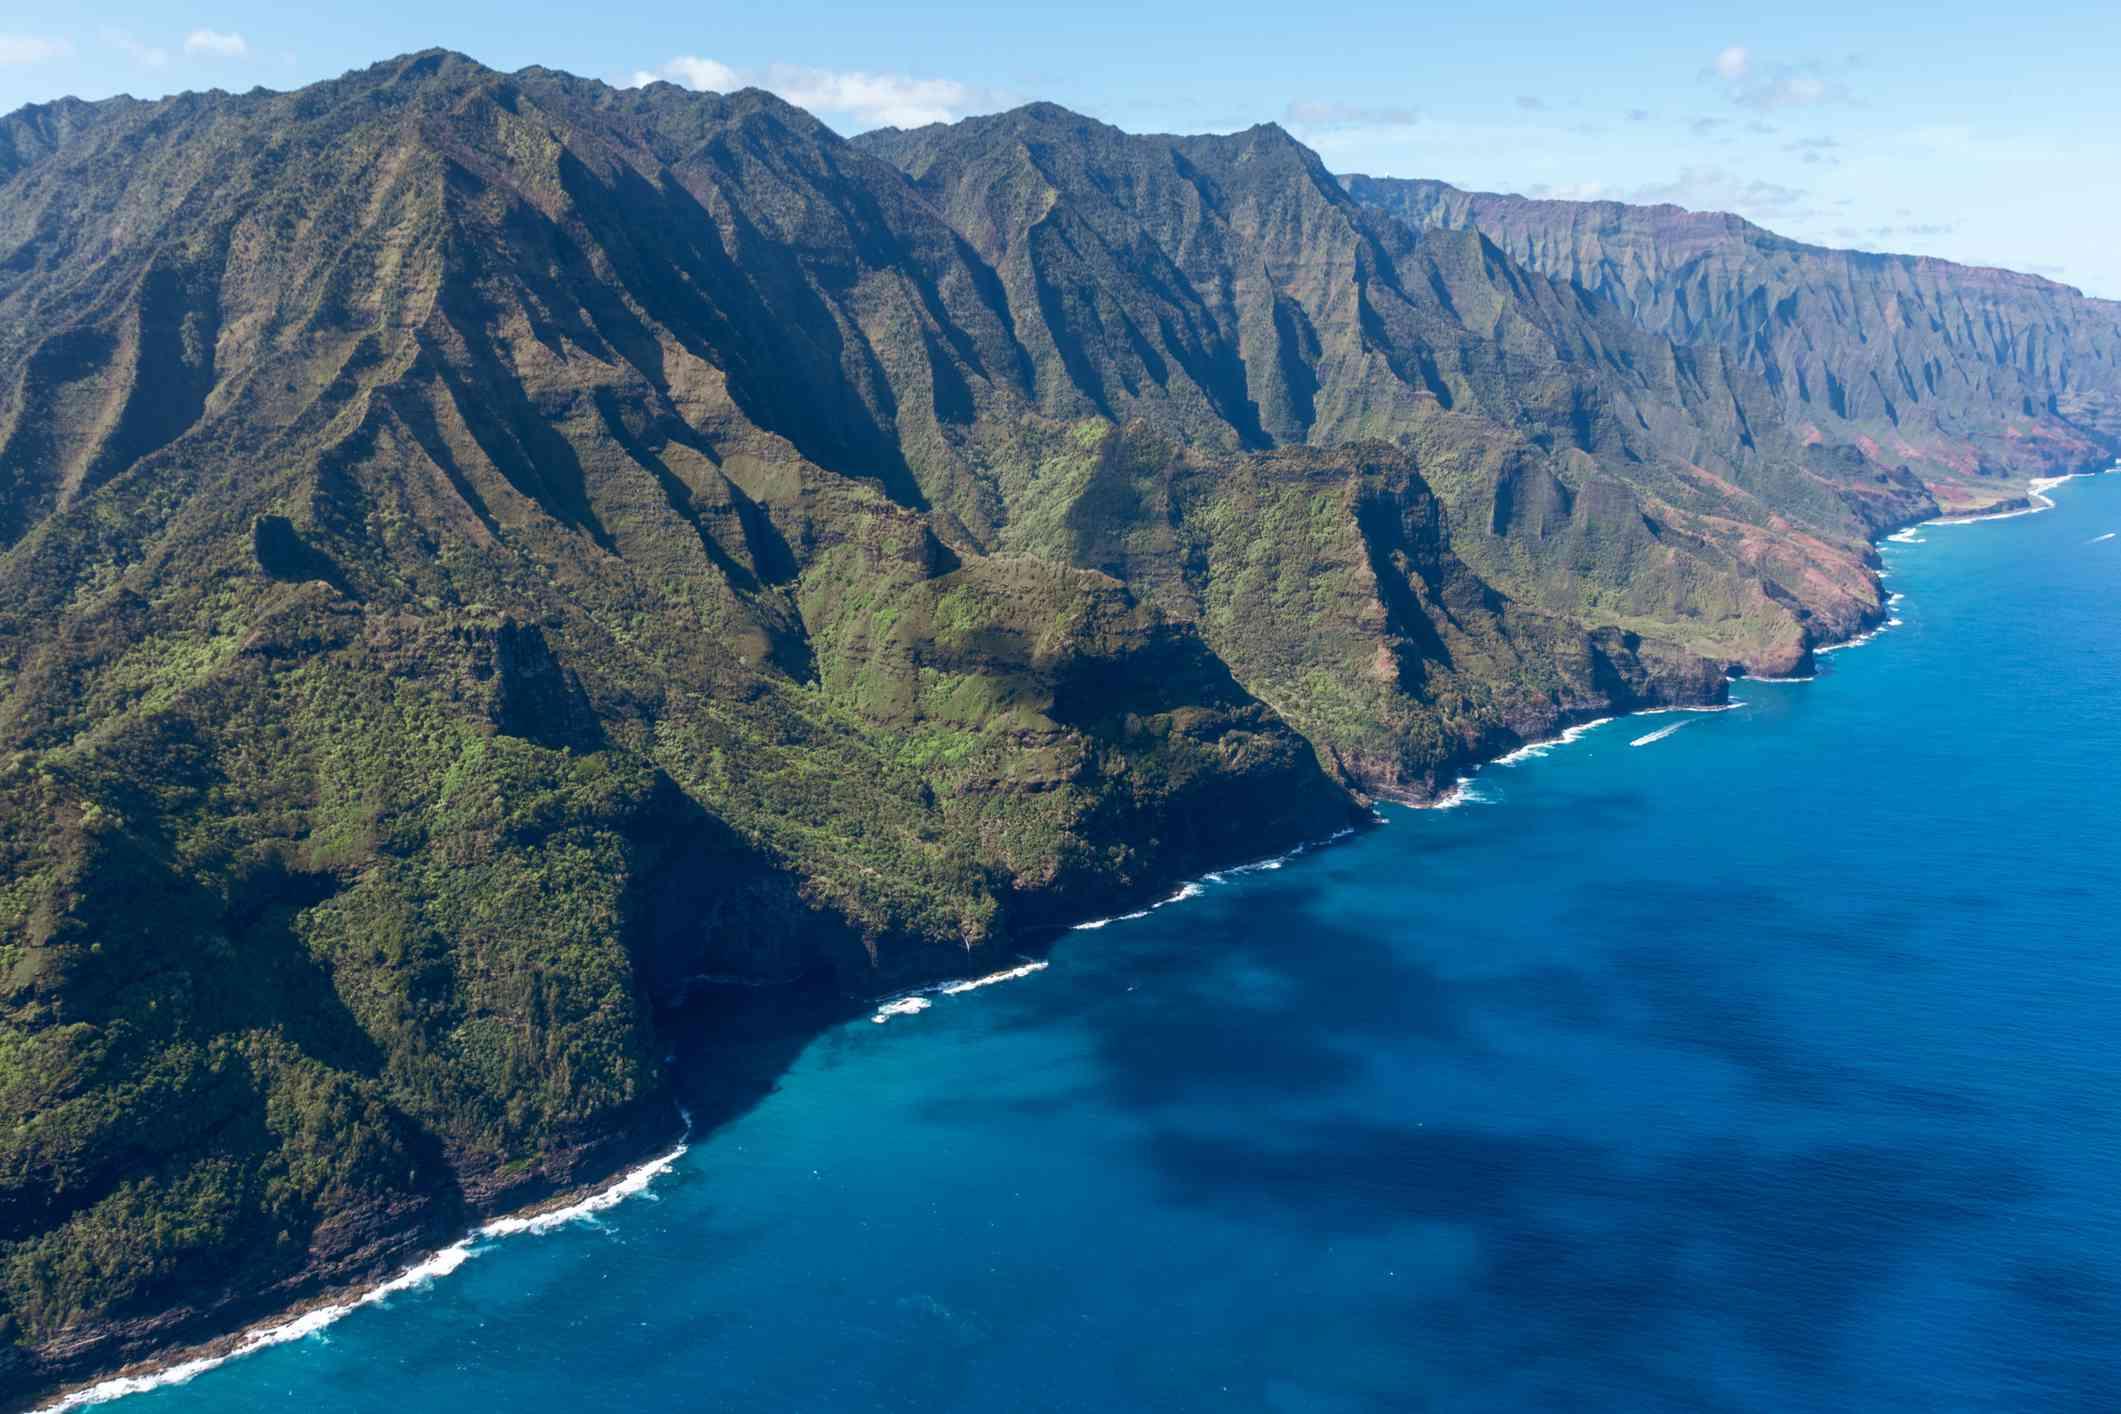 Nā Pali Coast, Kauai, Hawaii